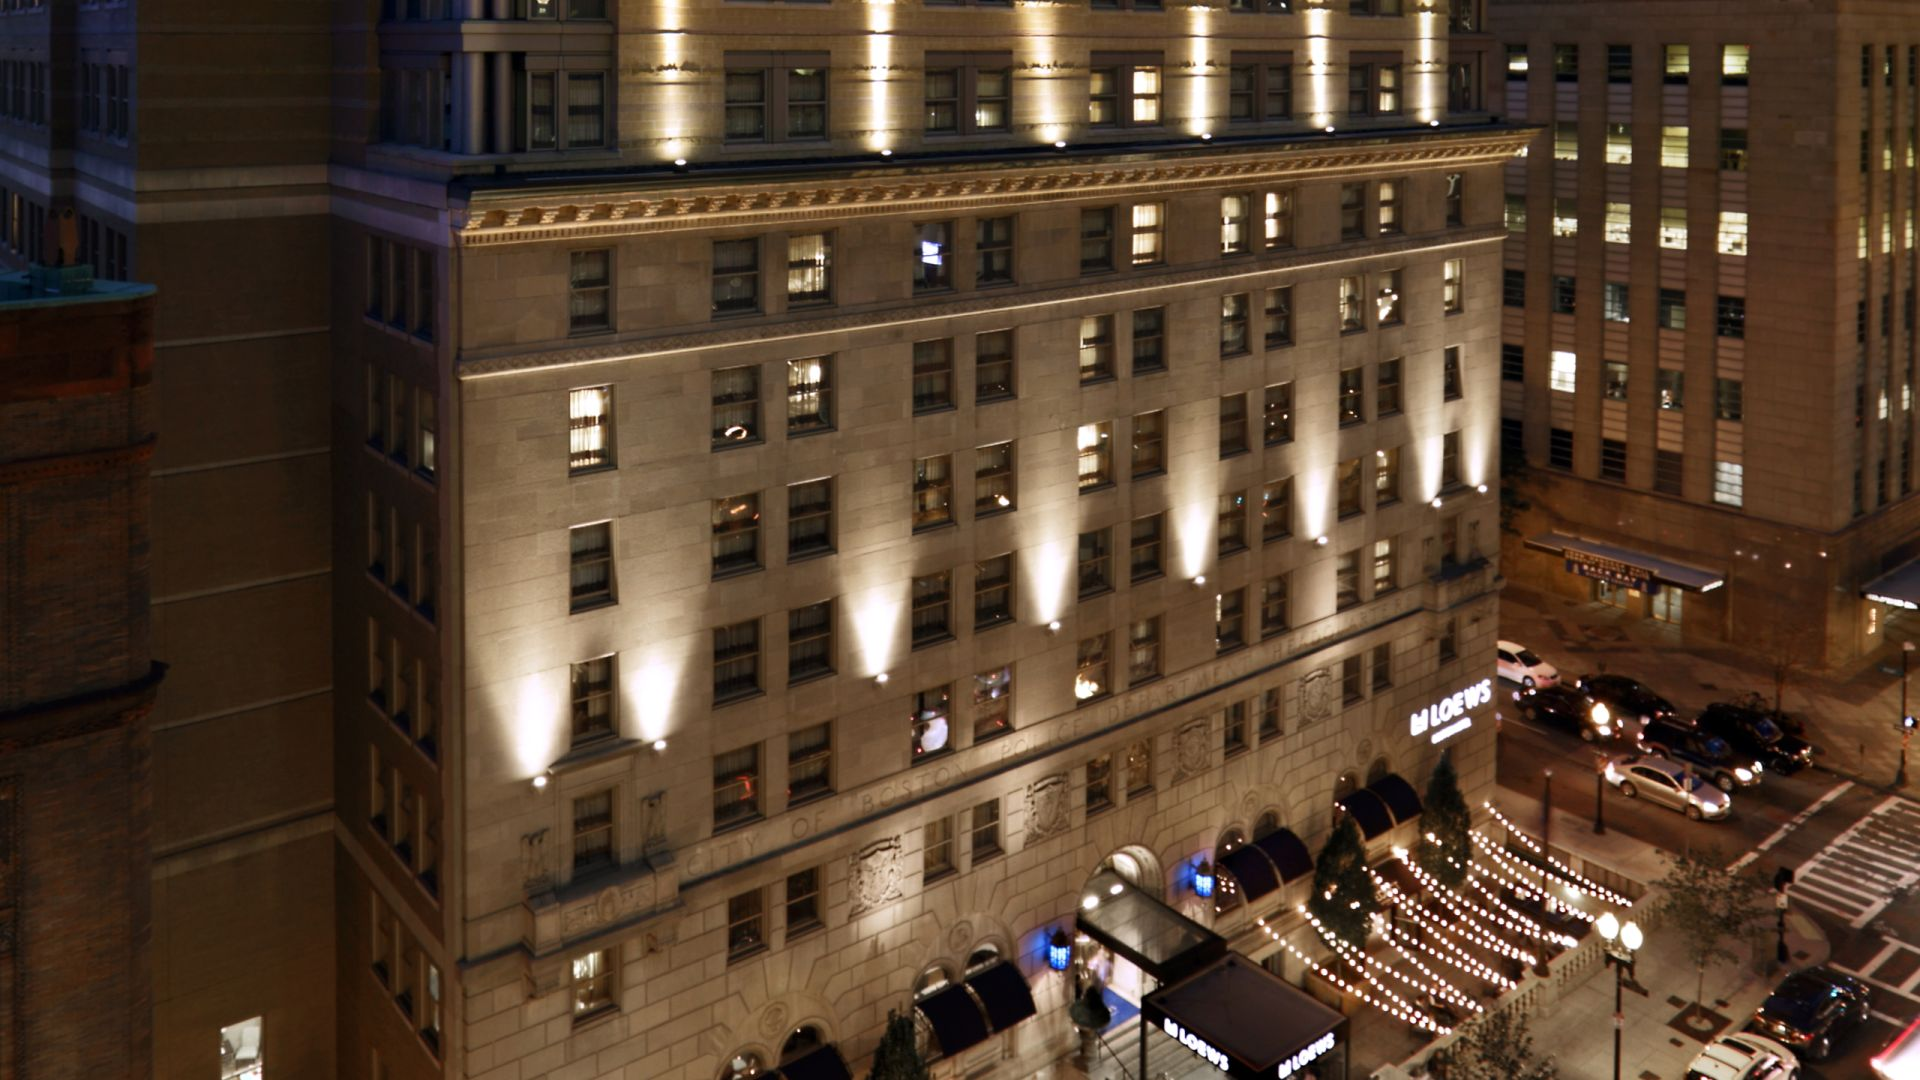 Extérieur de l'hôtel Loews de Boston la nuit